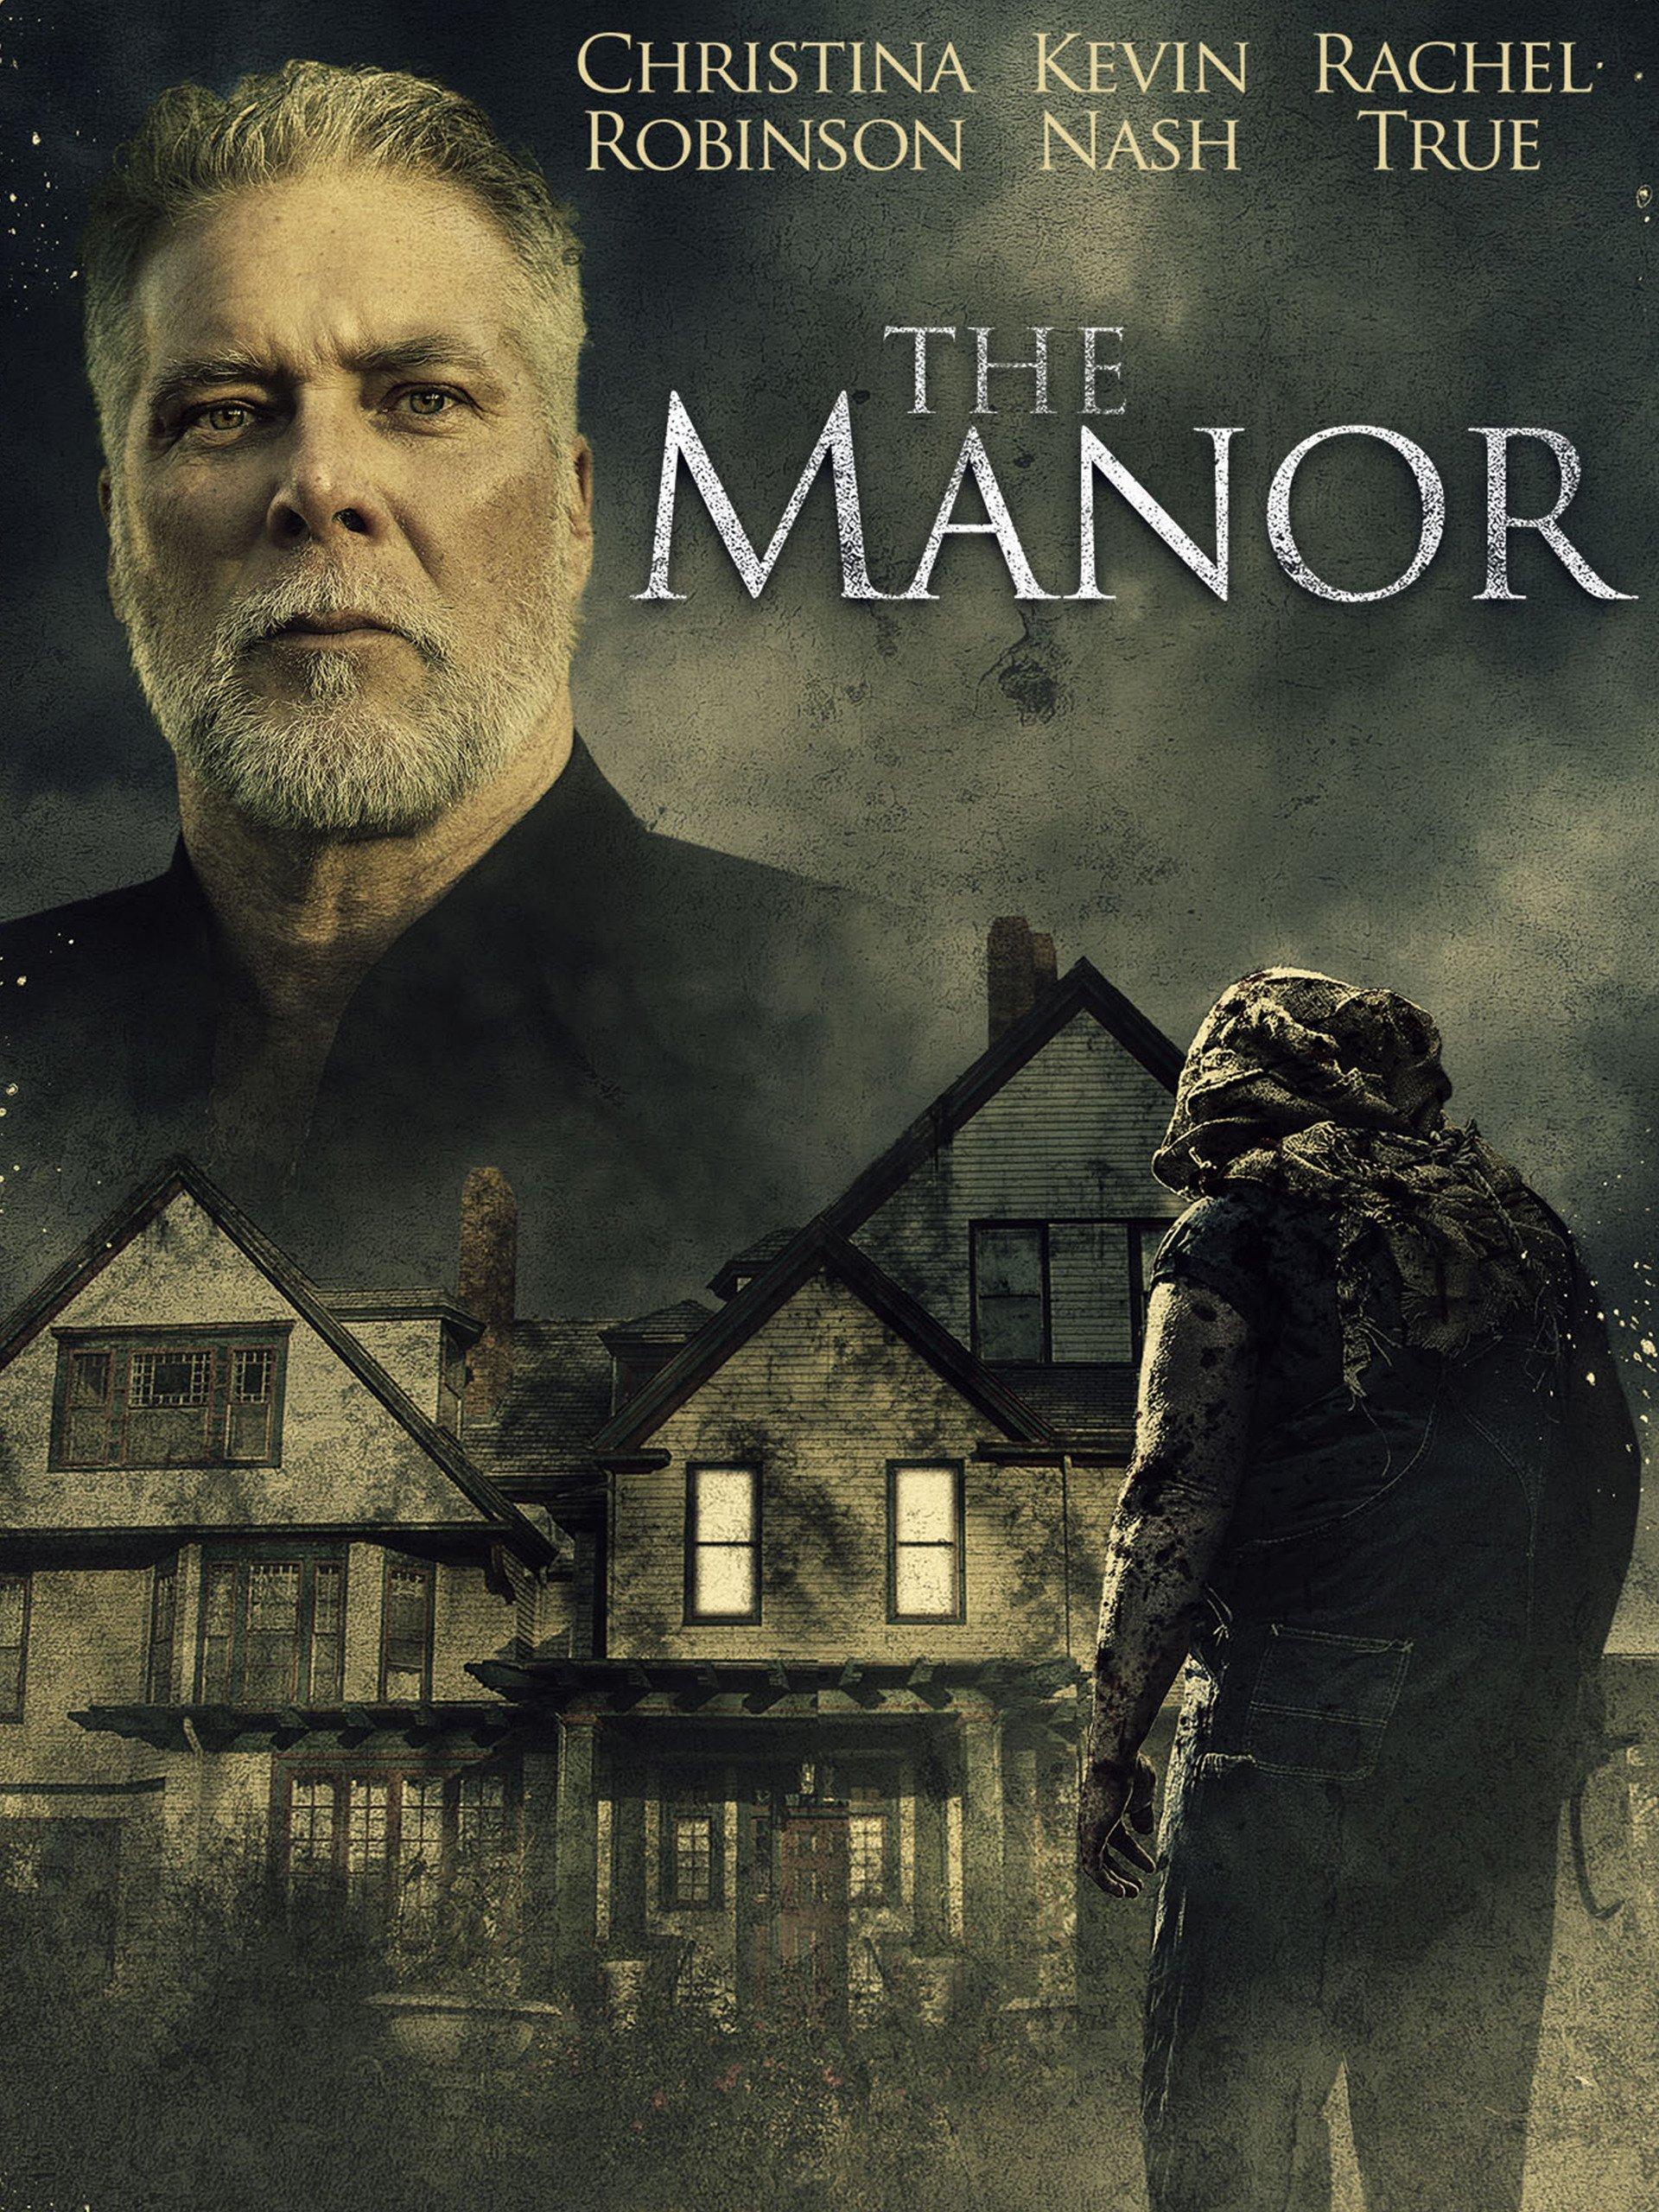 ดูหนังออนไลน์ฟรี The Manor (2021) หนังเต็มเรื่อง หนังมาสเตอร์ ดูหนังHD ดูหนังออนไลน์ ดูหนังใหม่